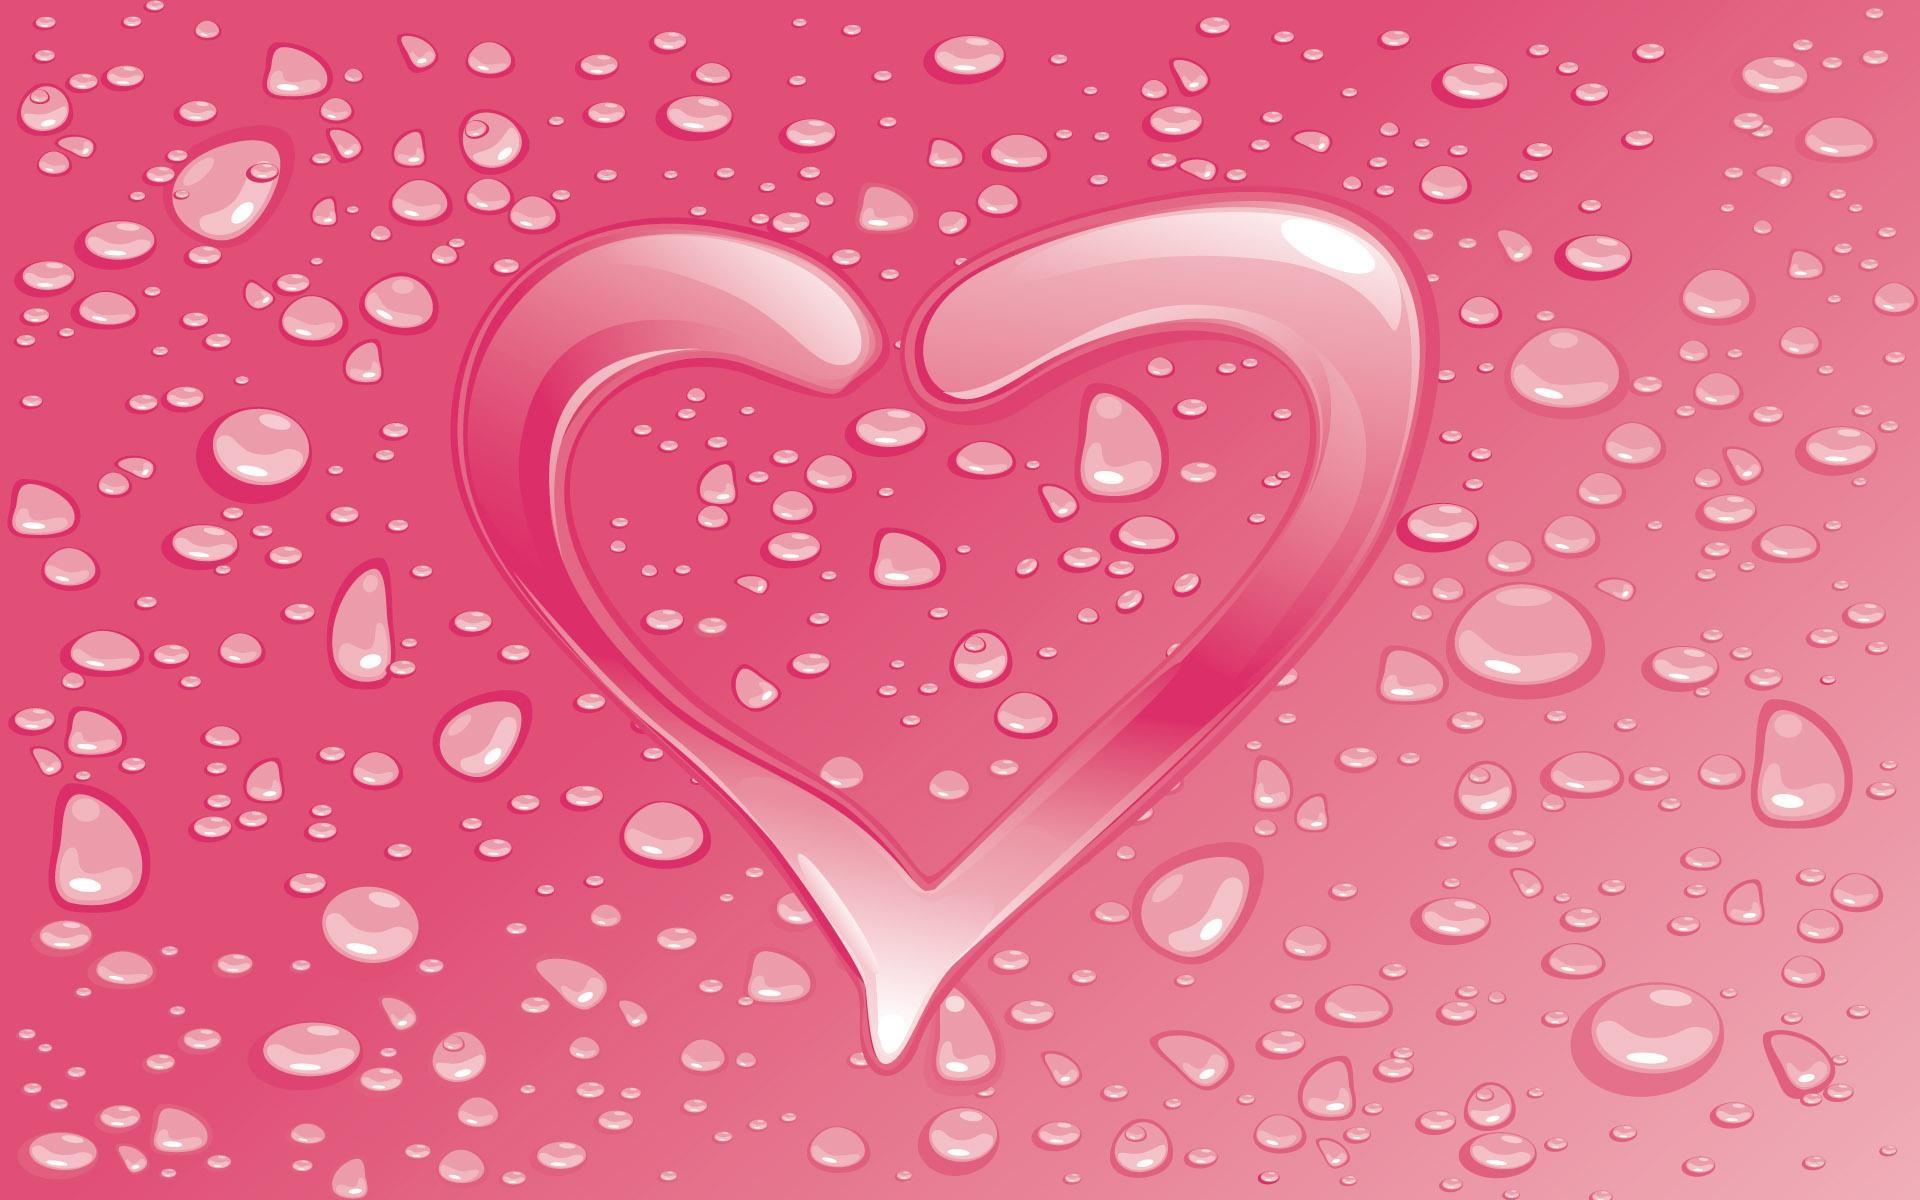 Valentines Day Pink background wallpaper Valentines Day Pink 1920x1200